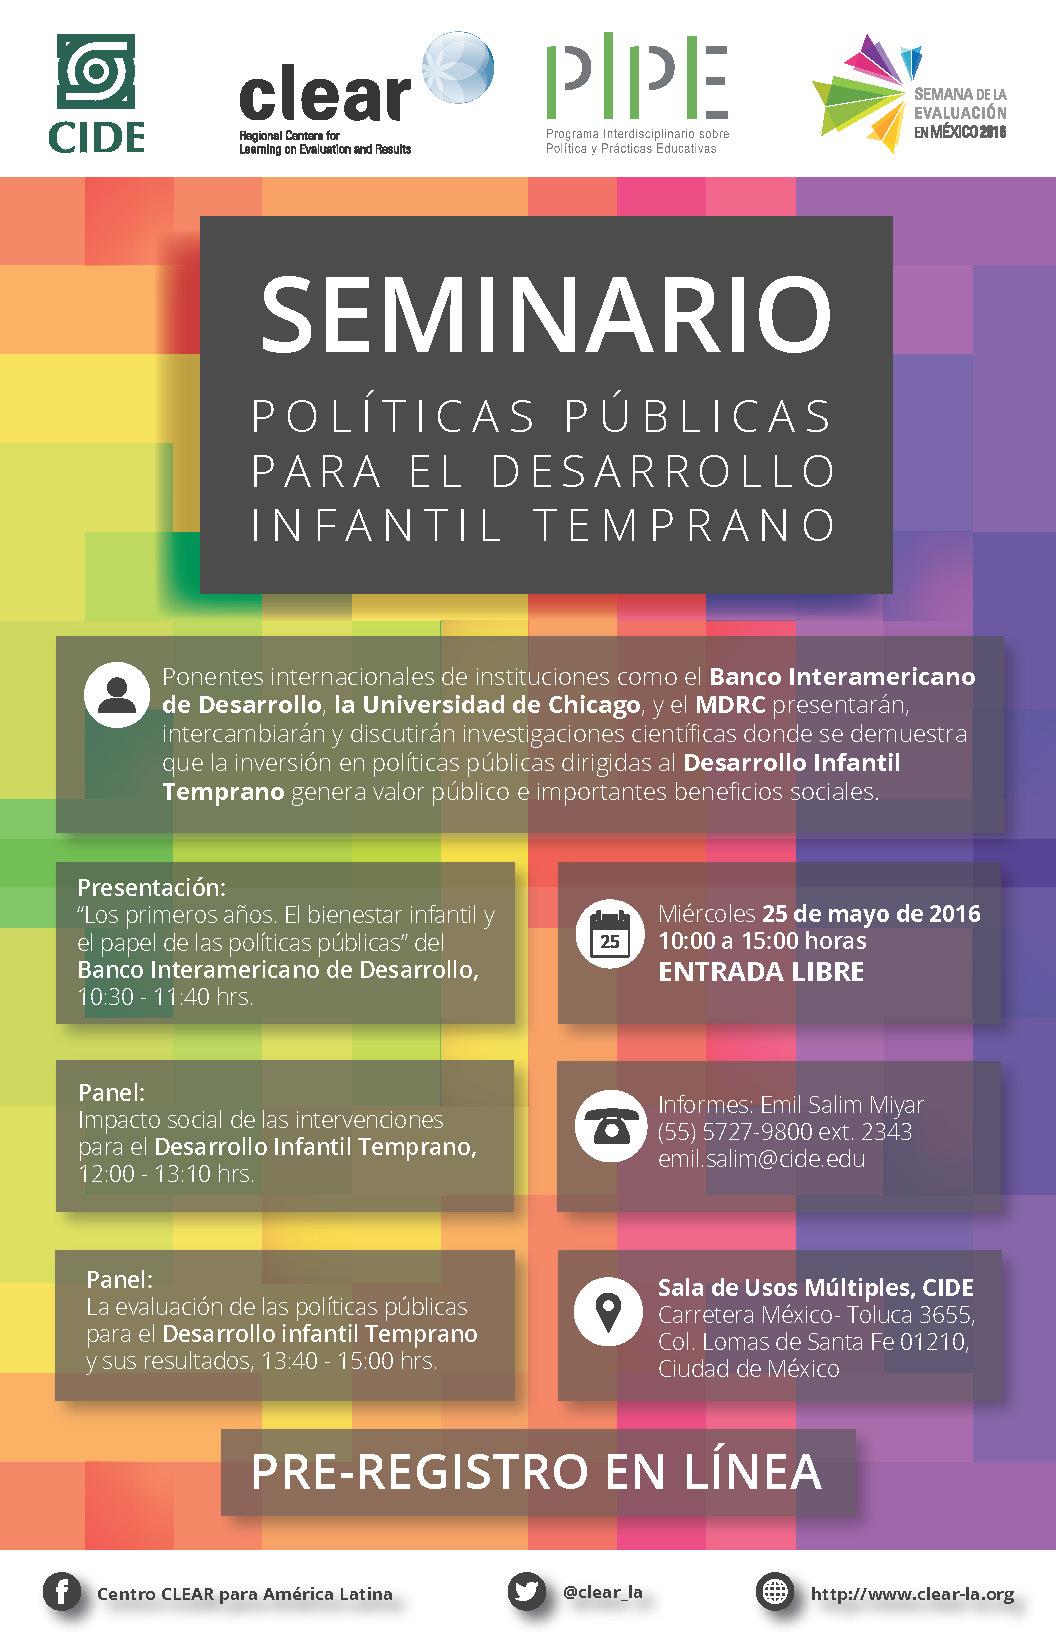 Seminario «Políticas Públicas para el Desarrollo Infantil Temprano»